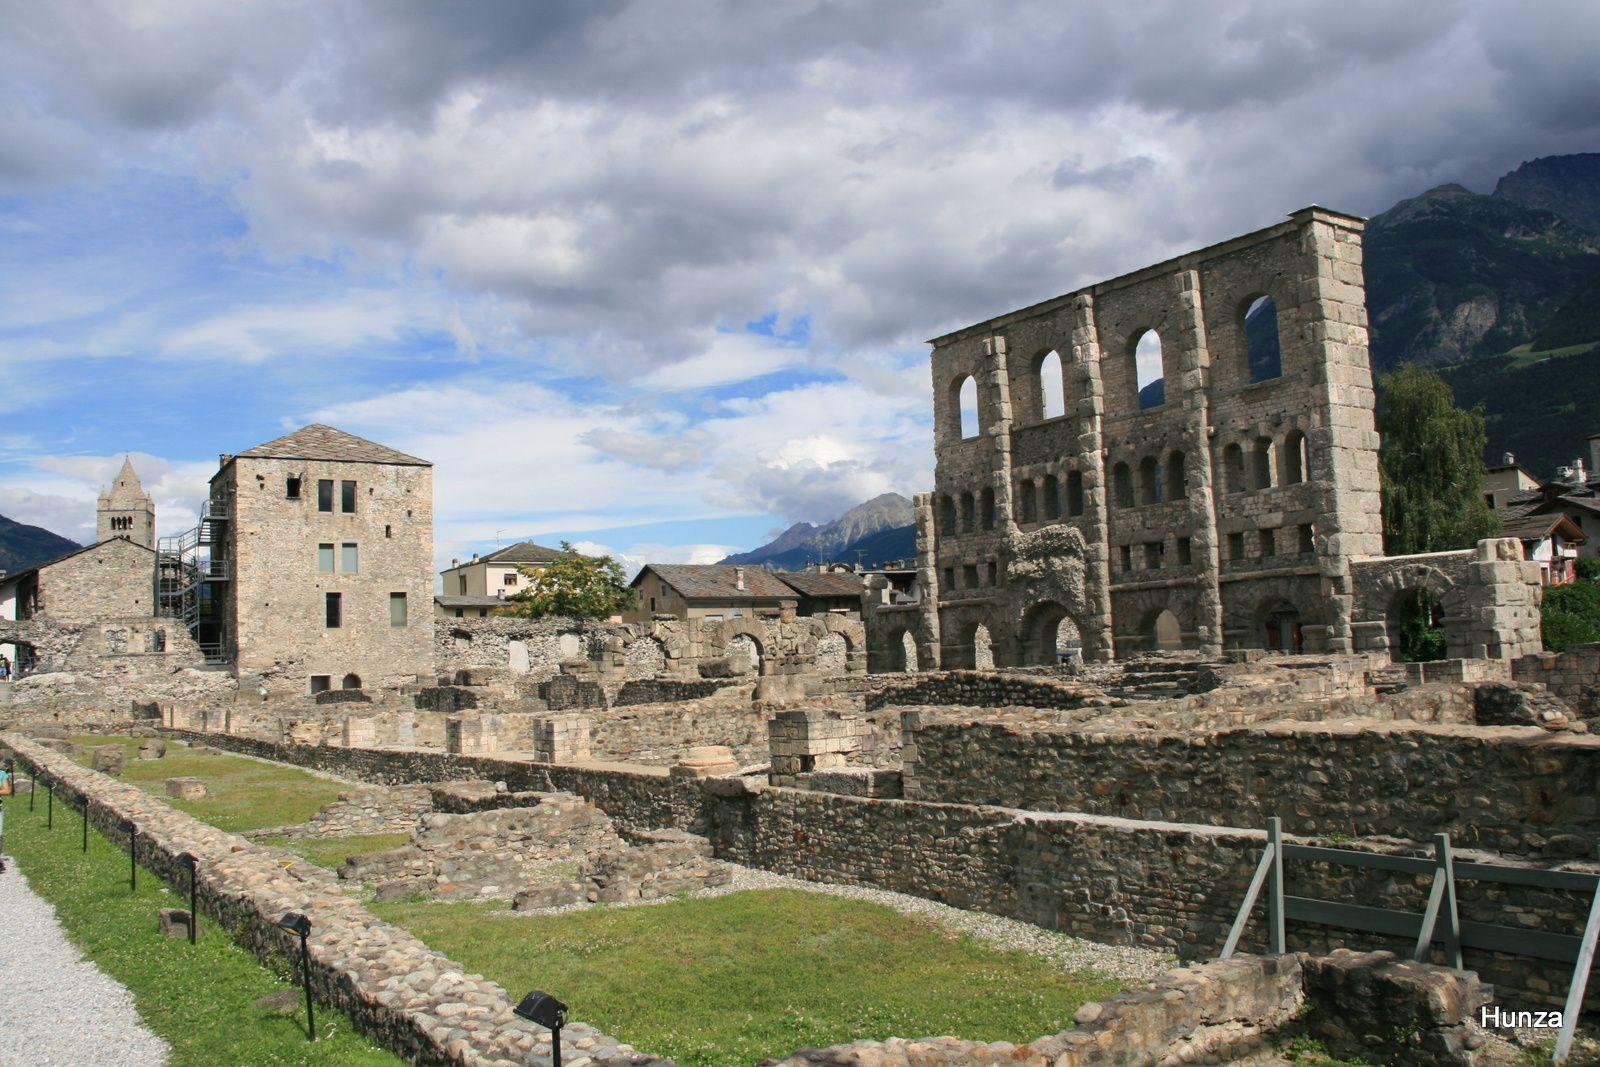 Le théâtre romain qui pouvait contenir entre 3 et 4 000 spectateurs et, à gauche, la tour du Fromage